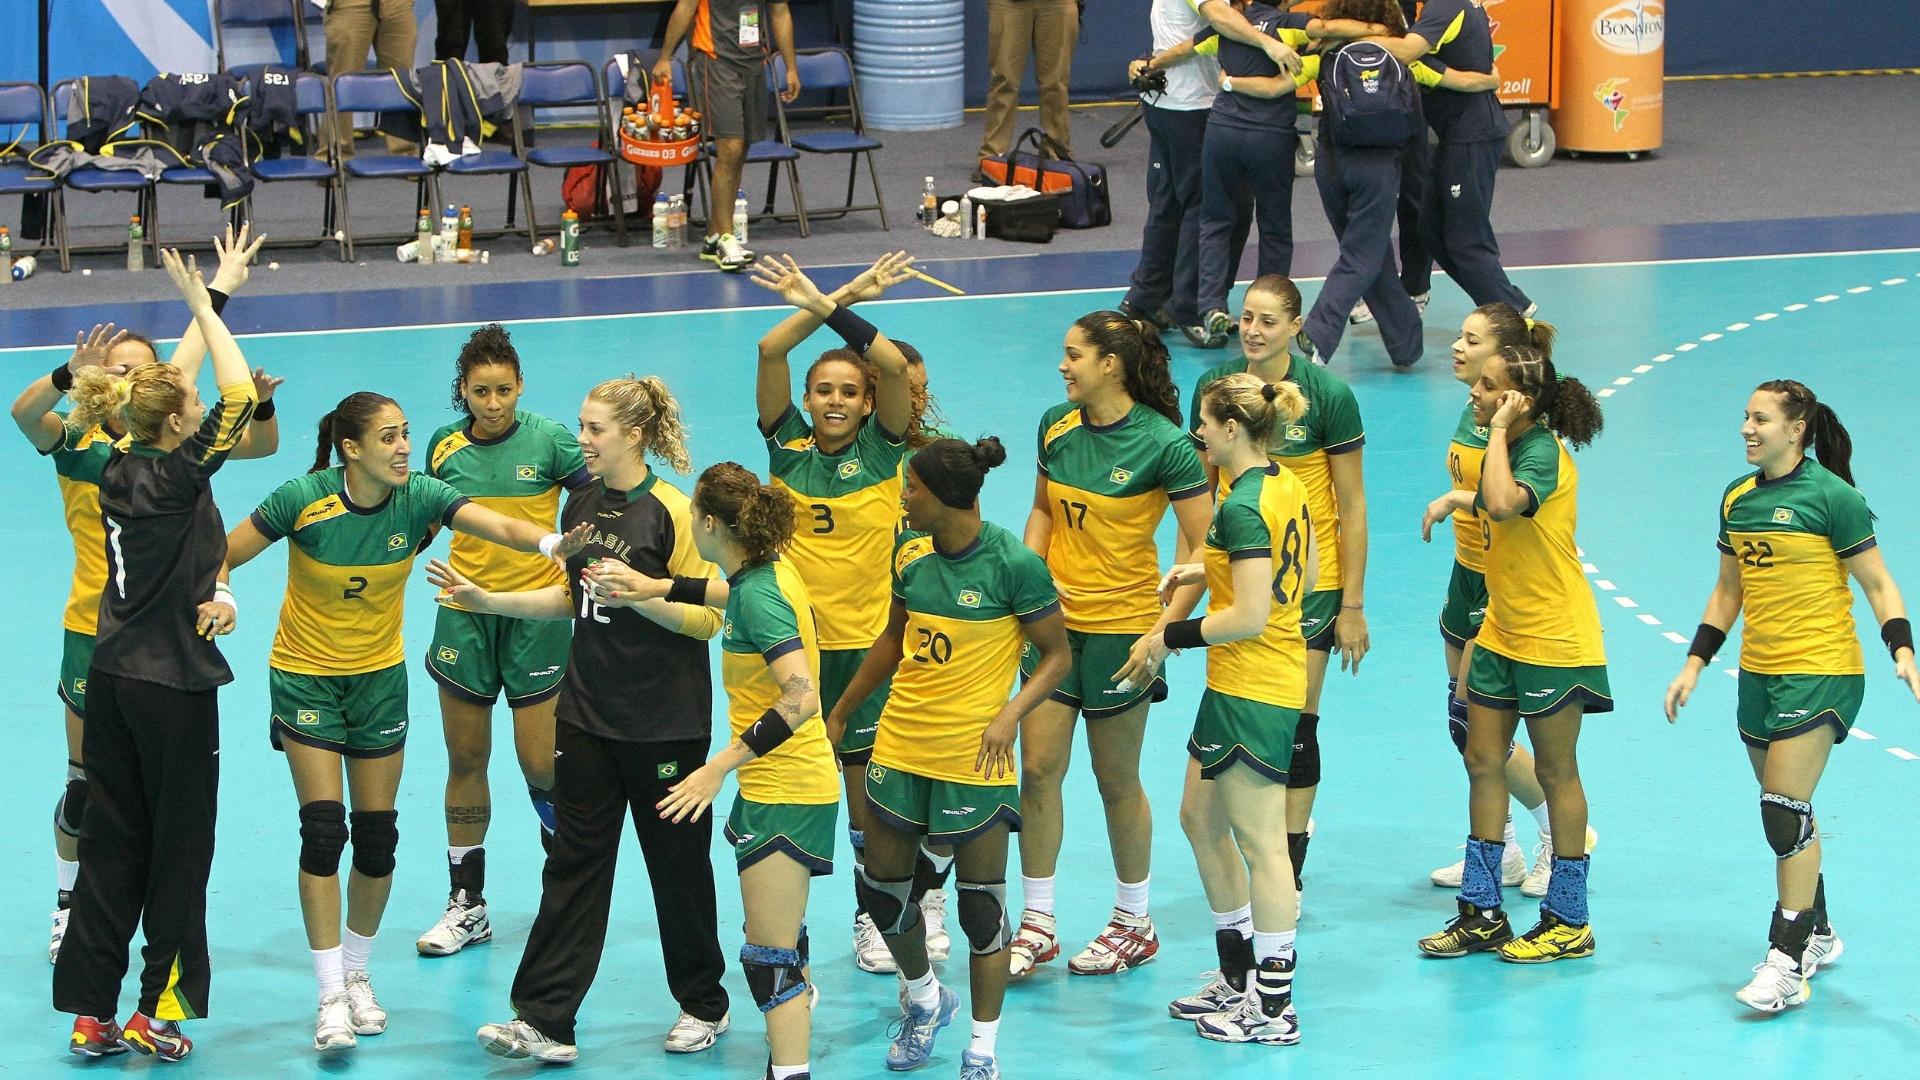 Jogadoras brasileiras comemoram ouro no handebol após vitória sobre a Argentina na decisão do Pan (23/10/2011)